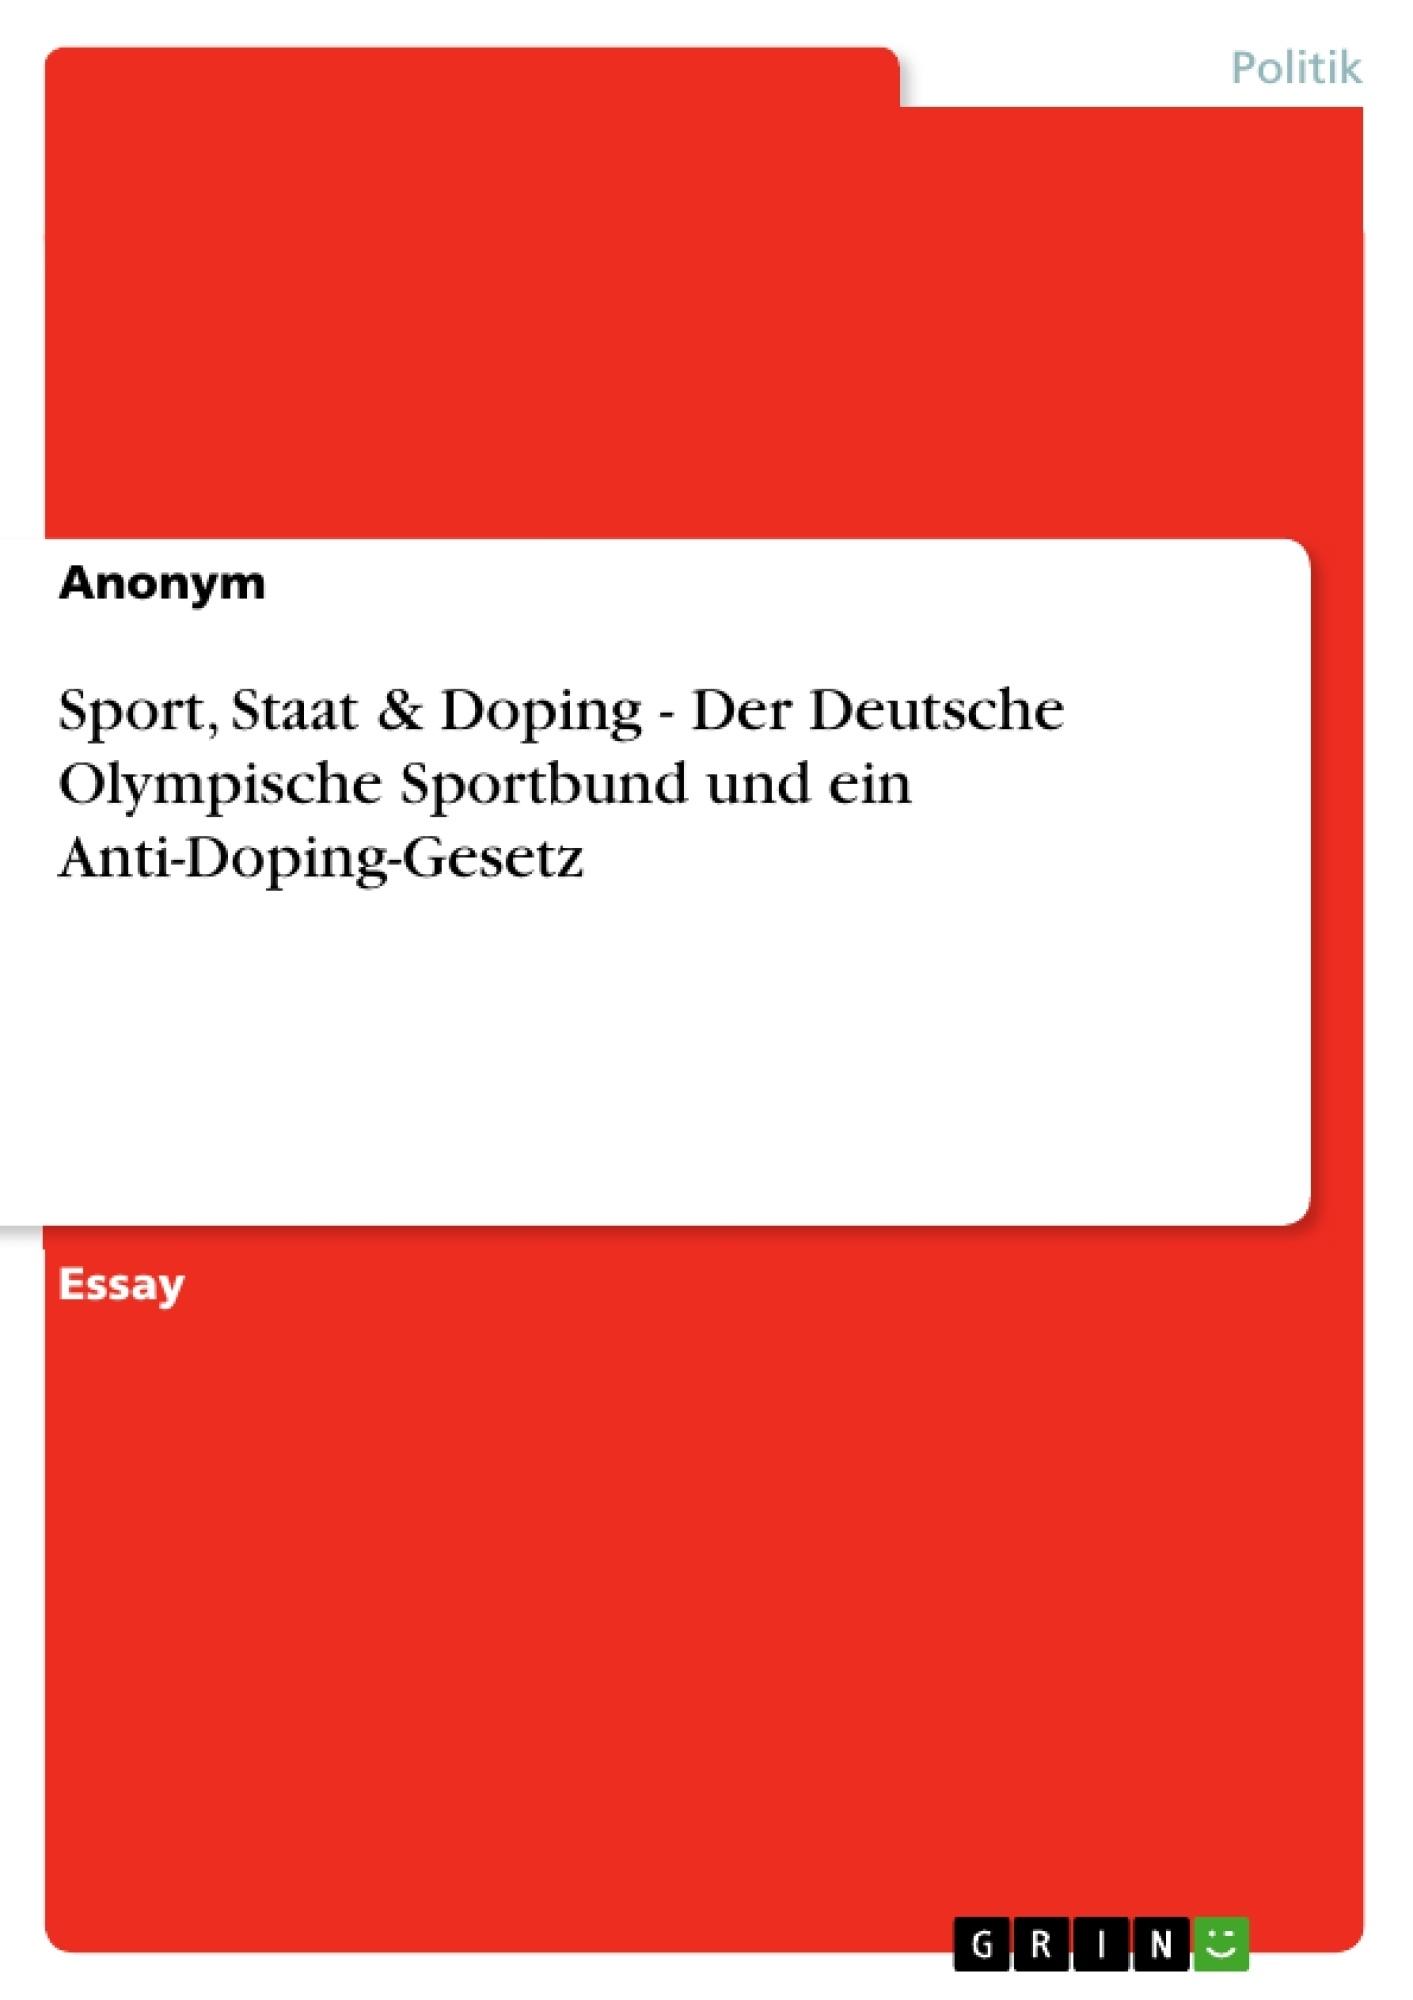 Titel: Sport, Staat & Doping - Der Deutsche Olympische Sportbund und ein Anti-Doping-Gesetz